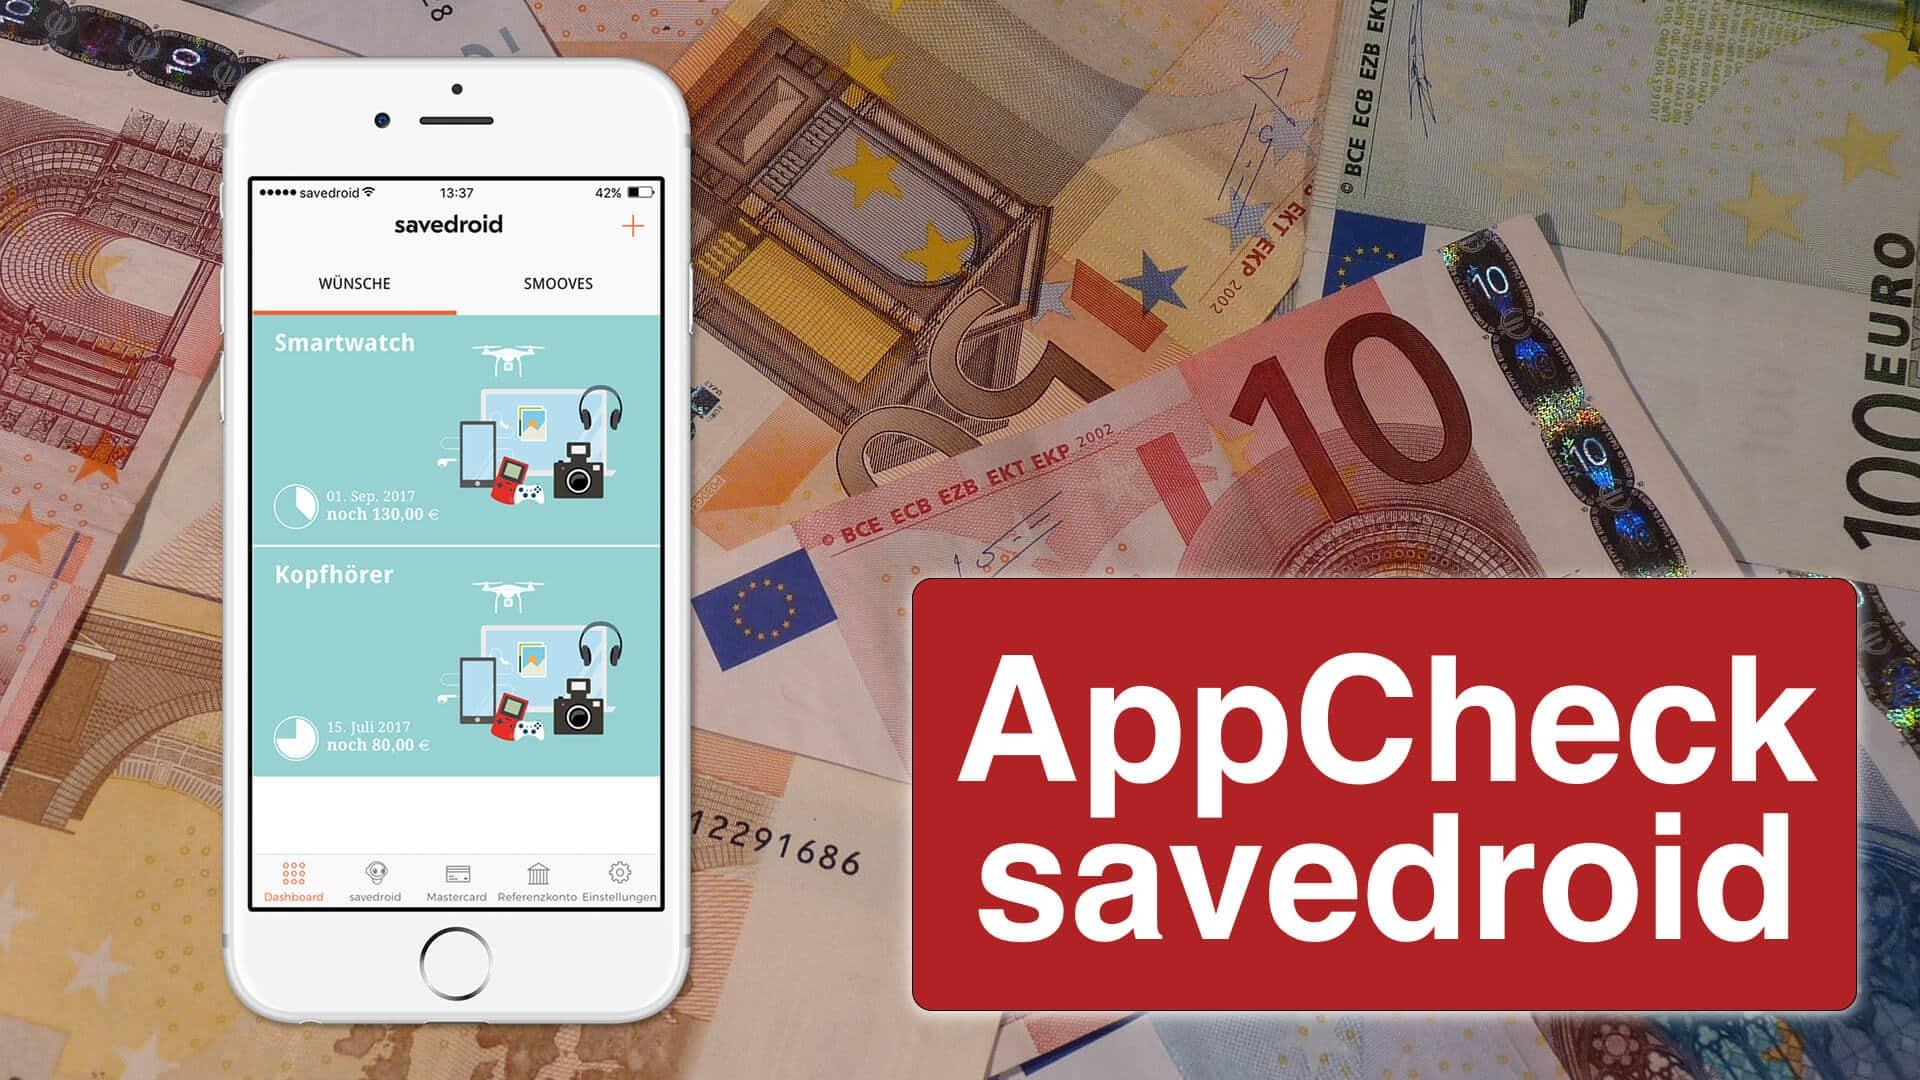 appcheck_savedroid_thumbnail